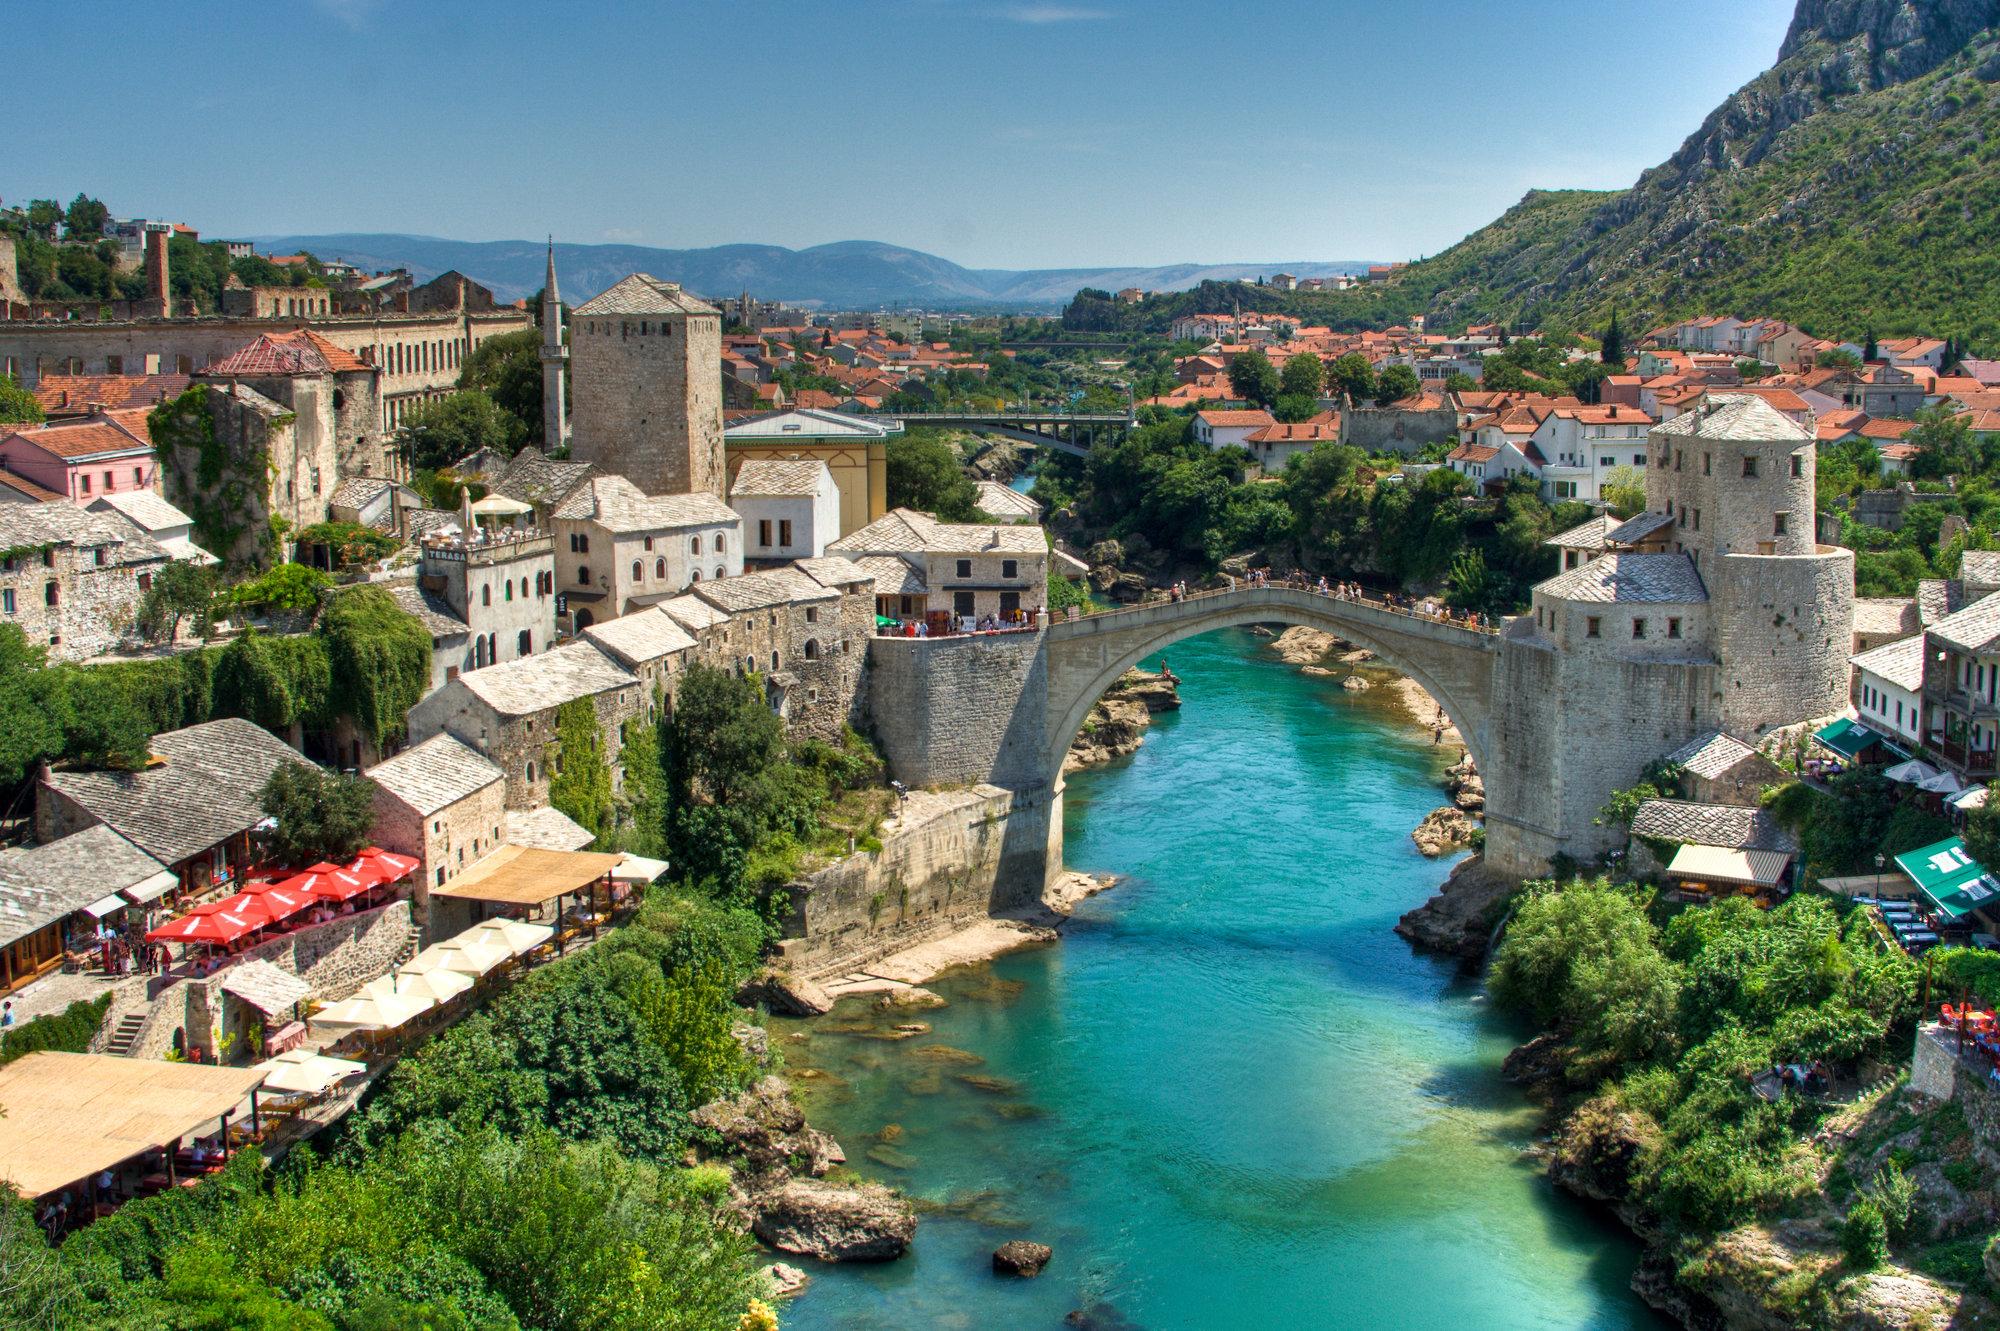 Water world - Mostar